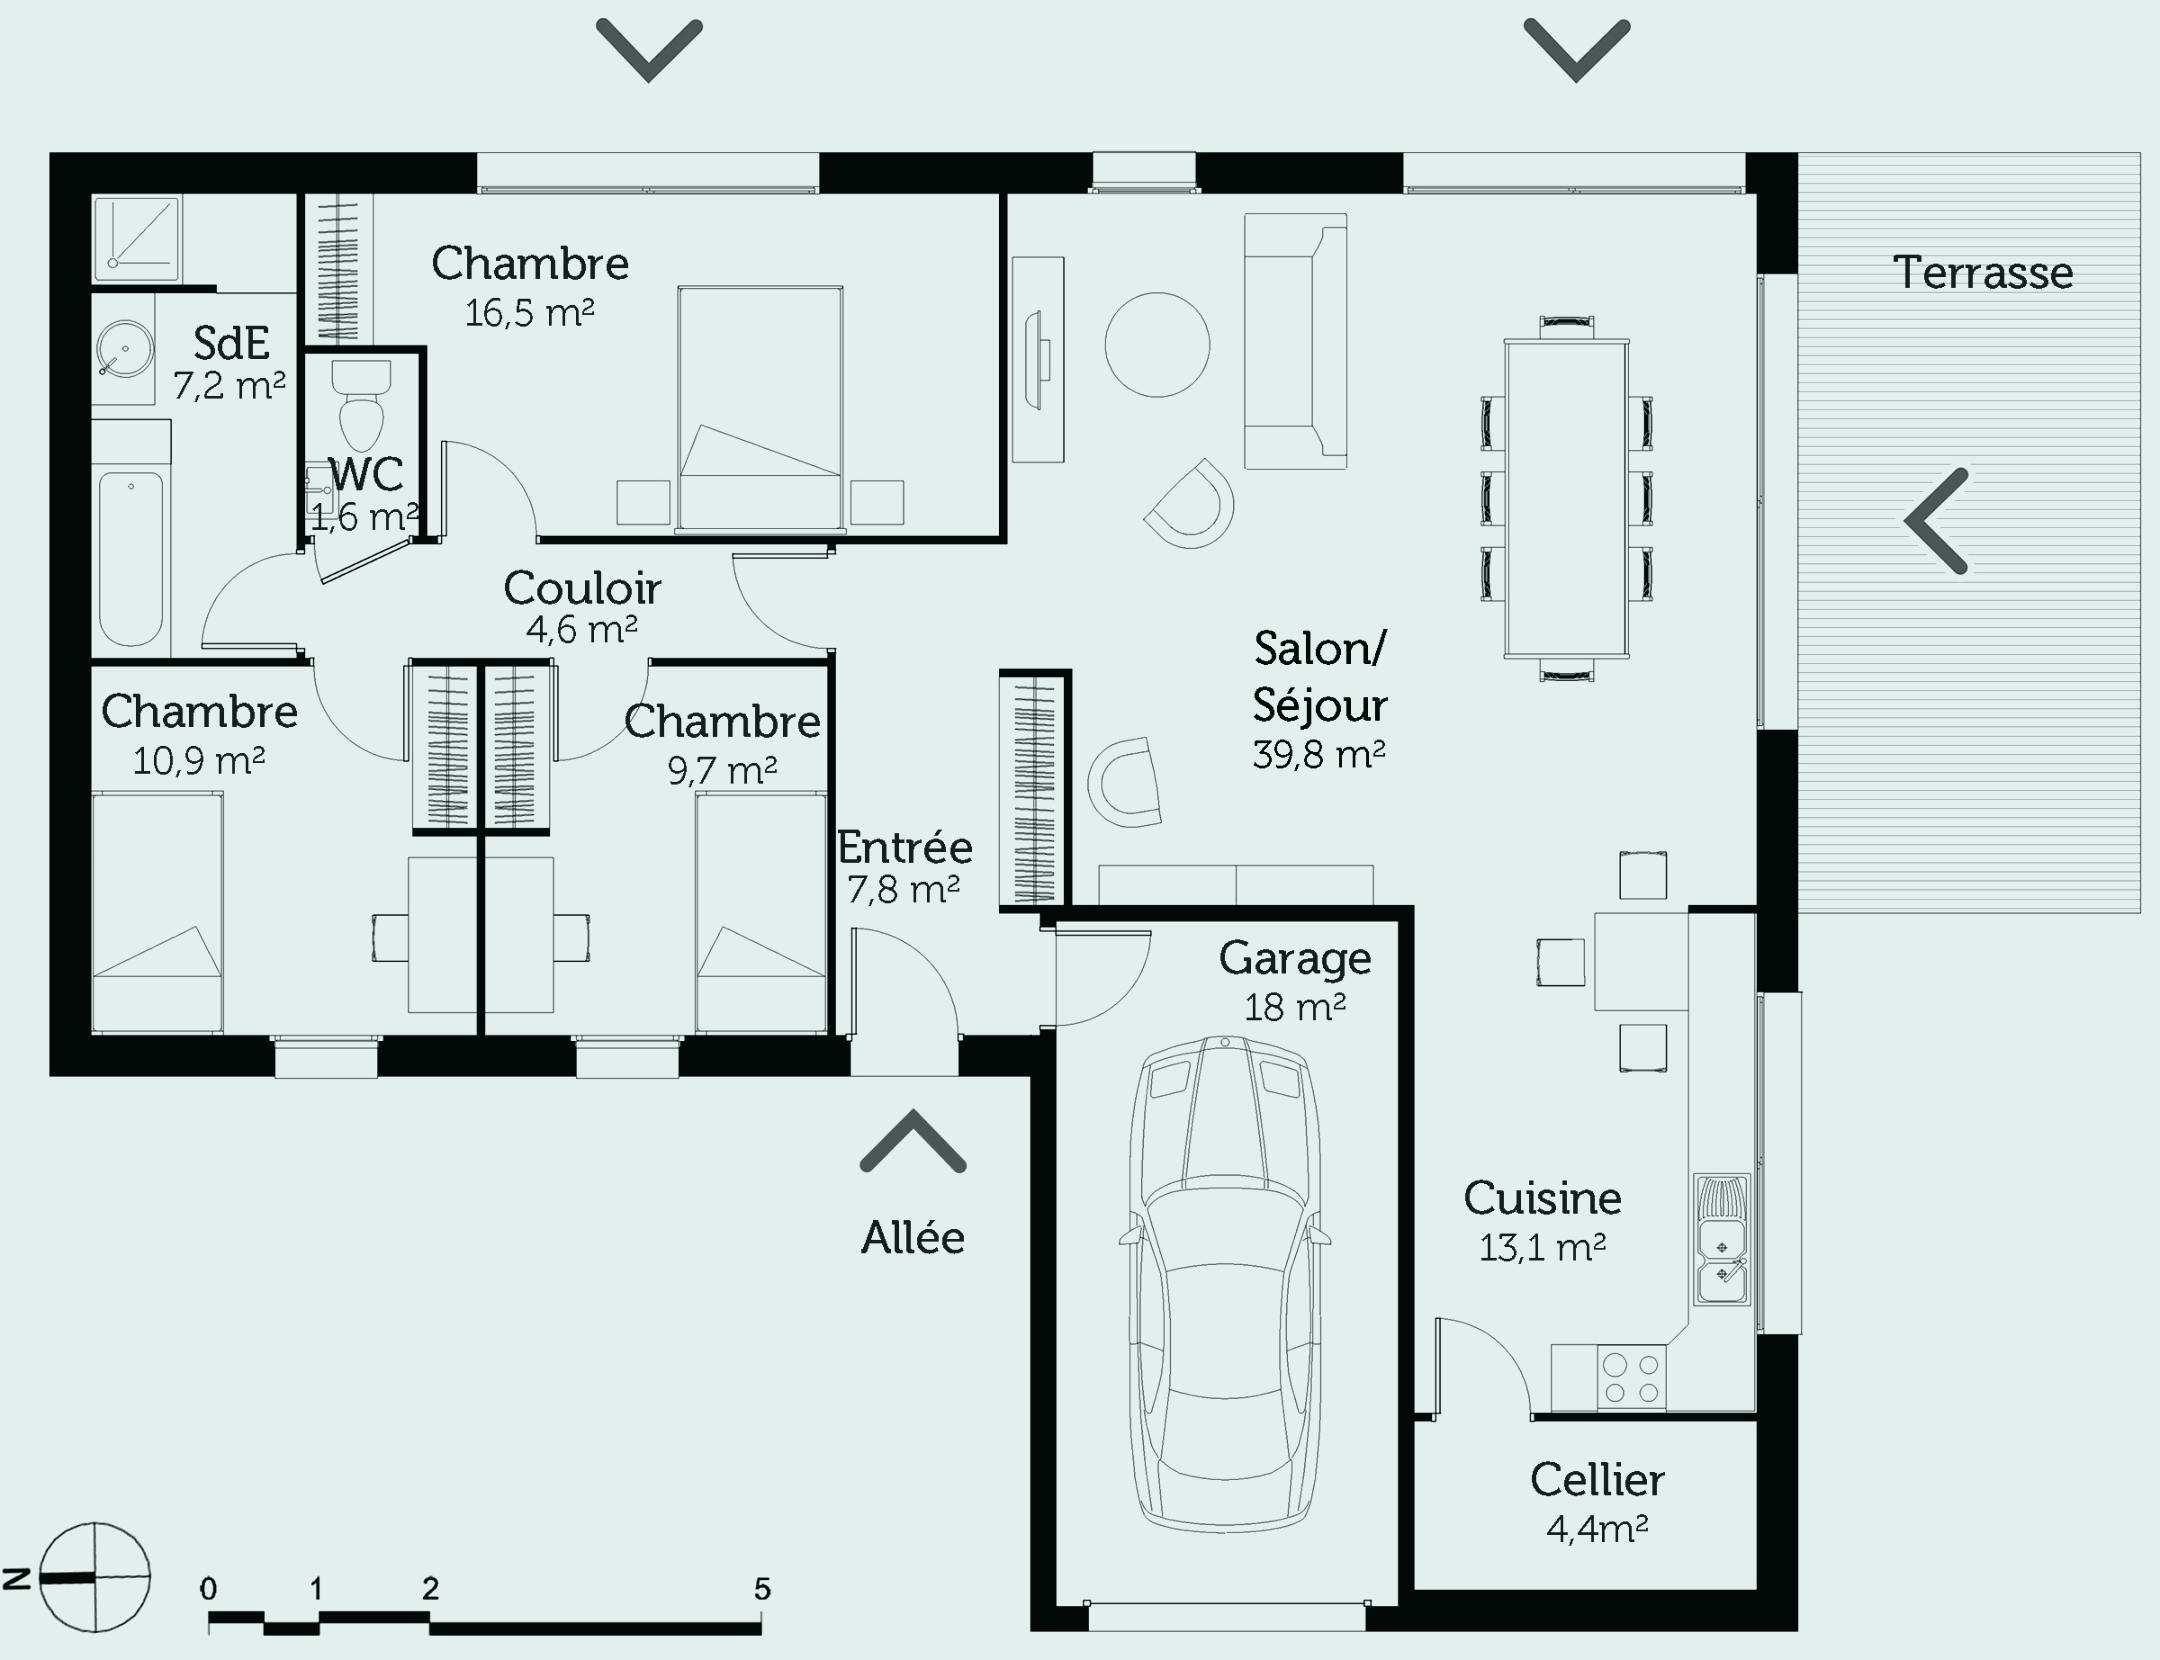 Plan maison entree cuisine - Atwebster.fr - Maison et mobilier